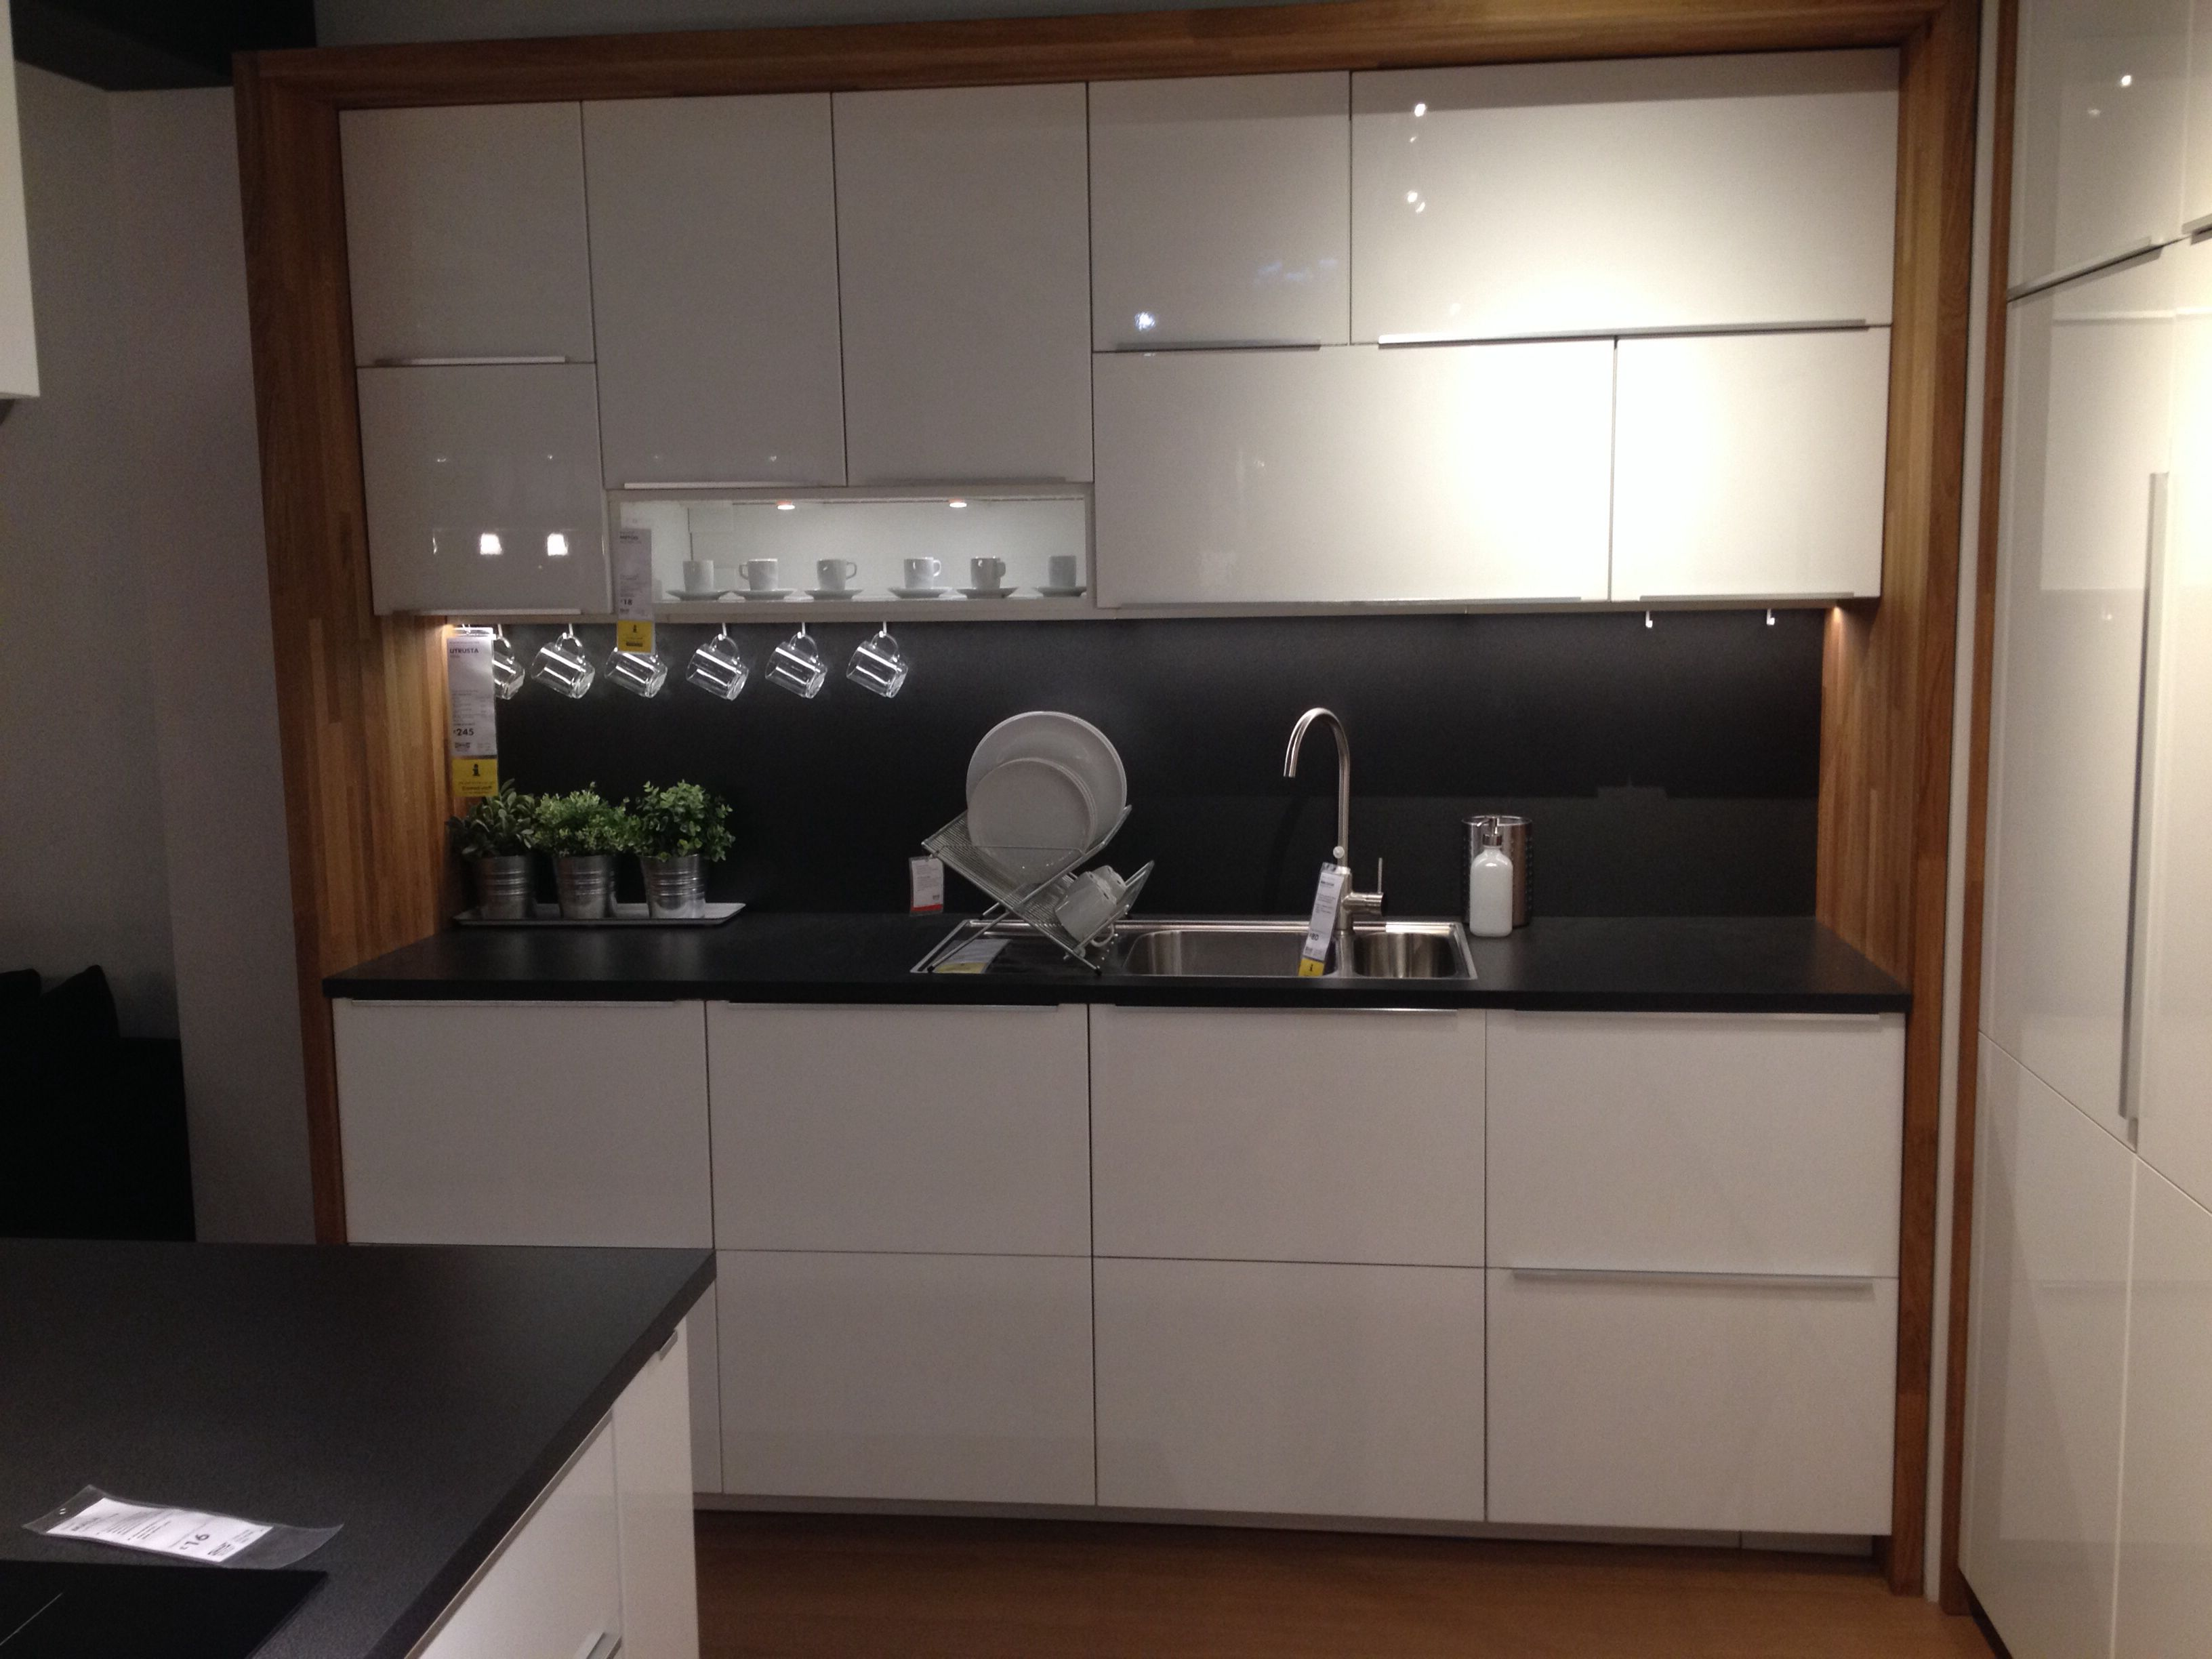 Ikea metod kitchen with worktop framing units   Innenarchitektur küche, Haus küchen ...